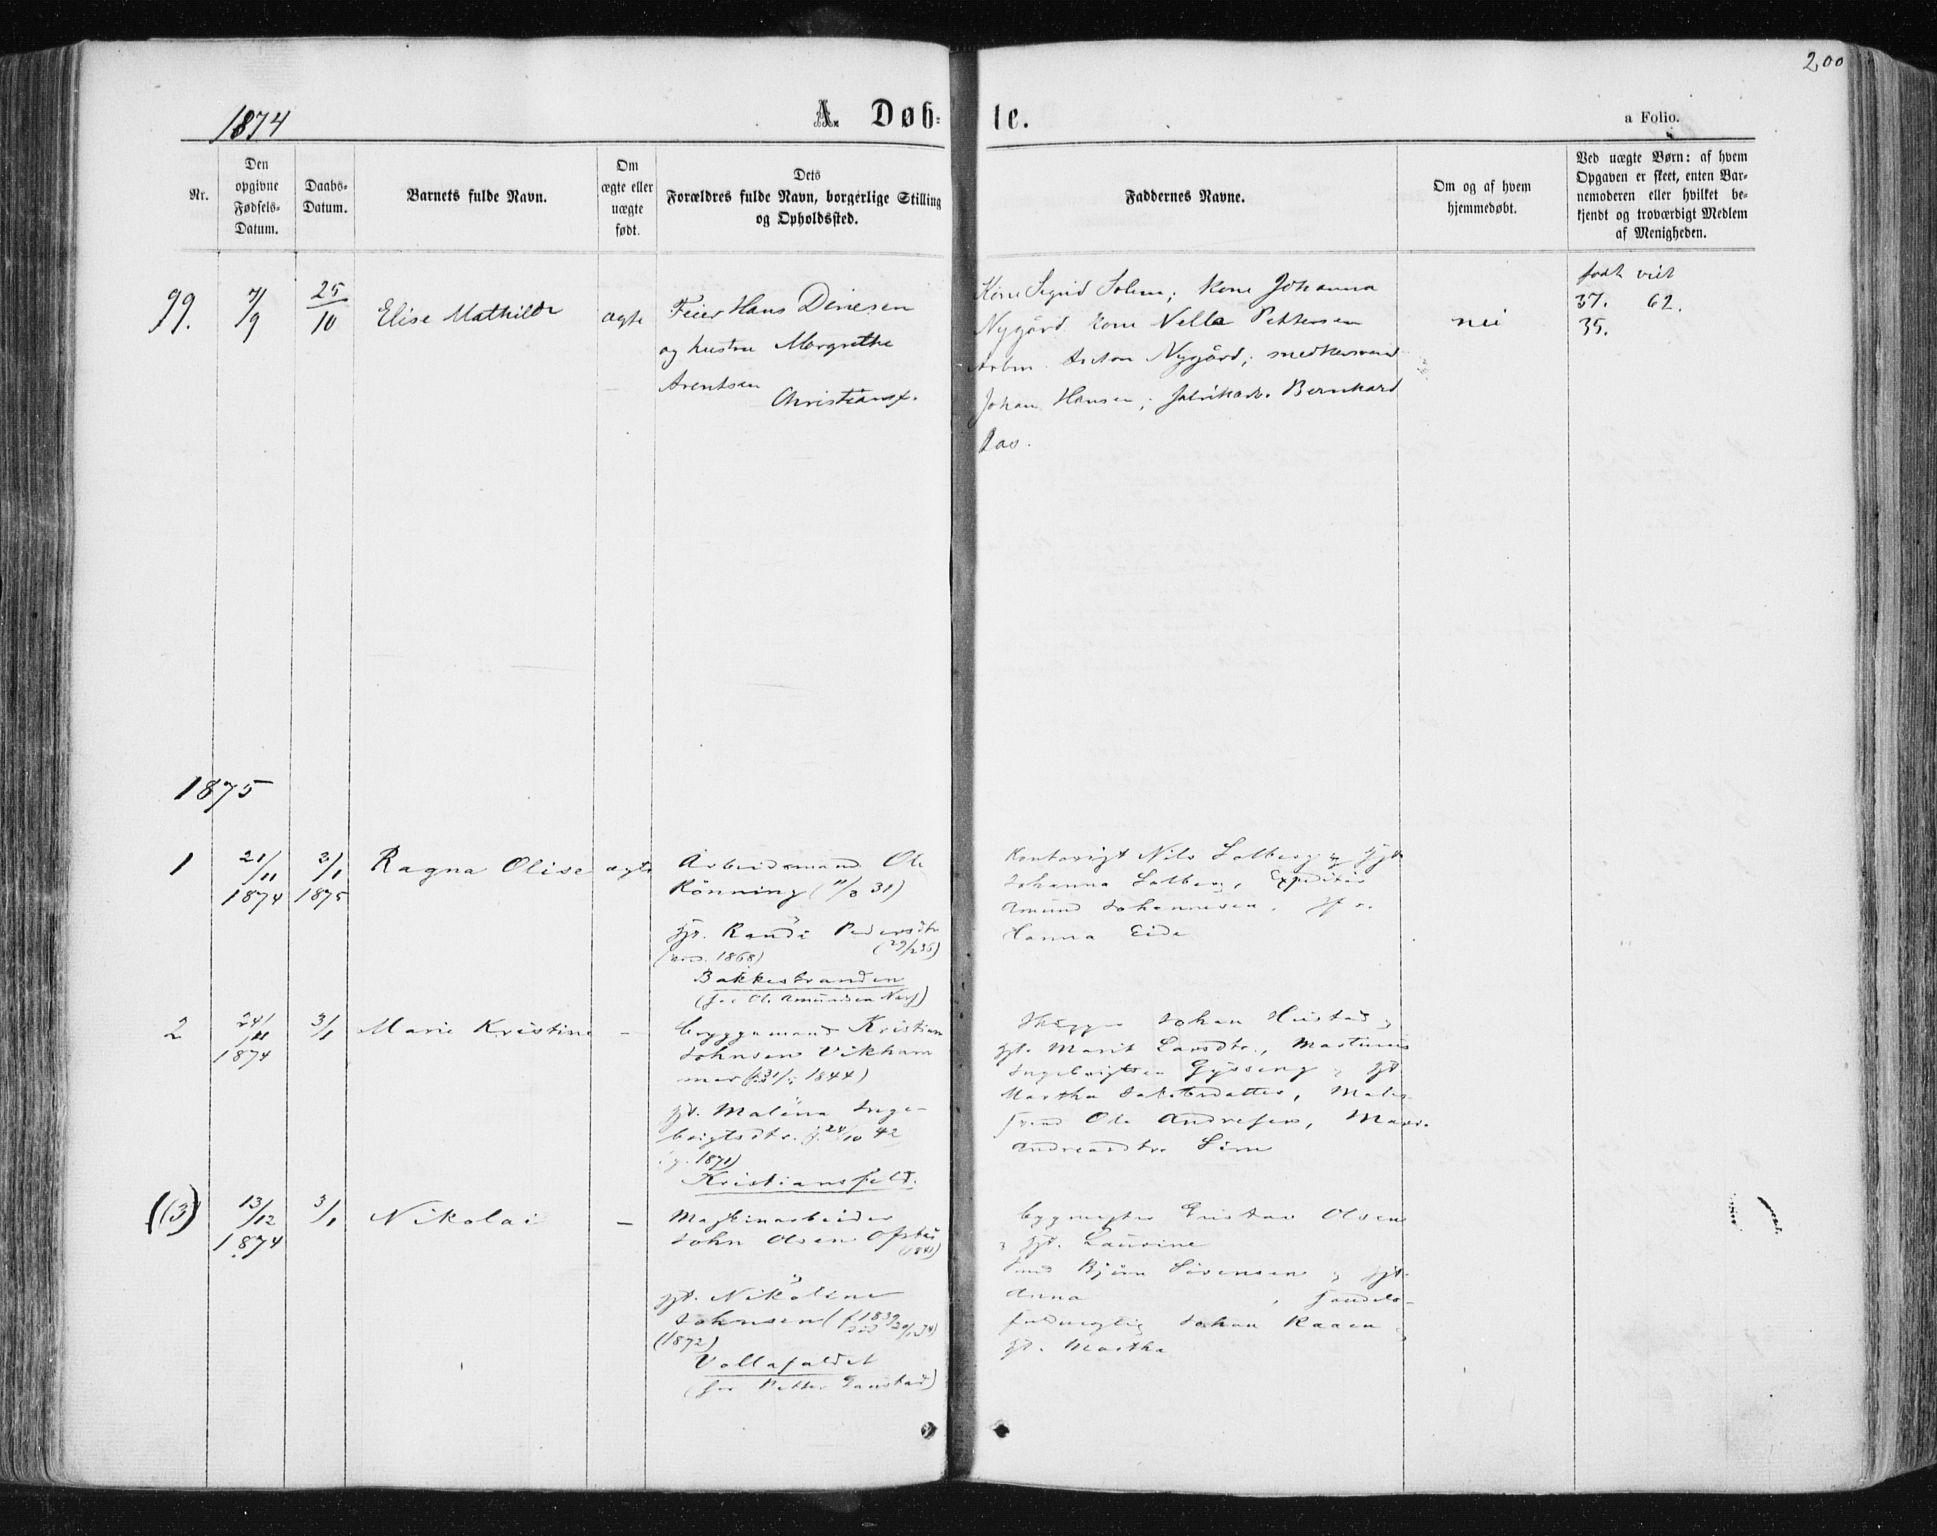 SAT, Ministerialprotokoller, klokkerbøker og fødselsregistre - Sør-Trøndelag, 604/L0186: Ministerialbok nr. 604A07, 1866-1877, s. 200